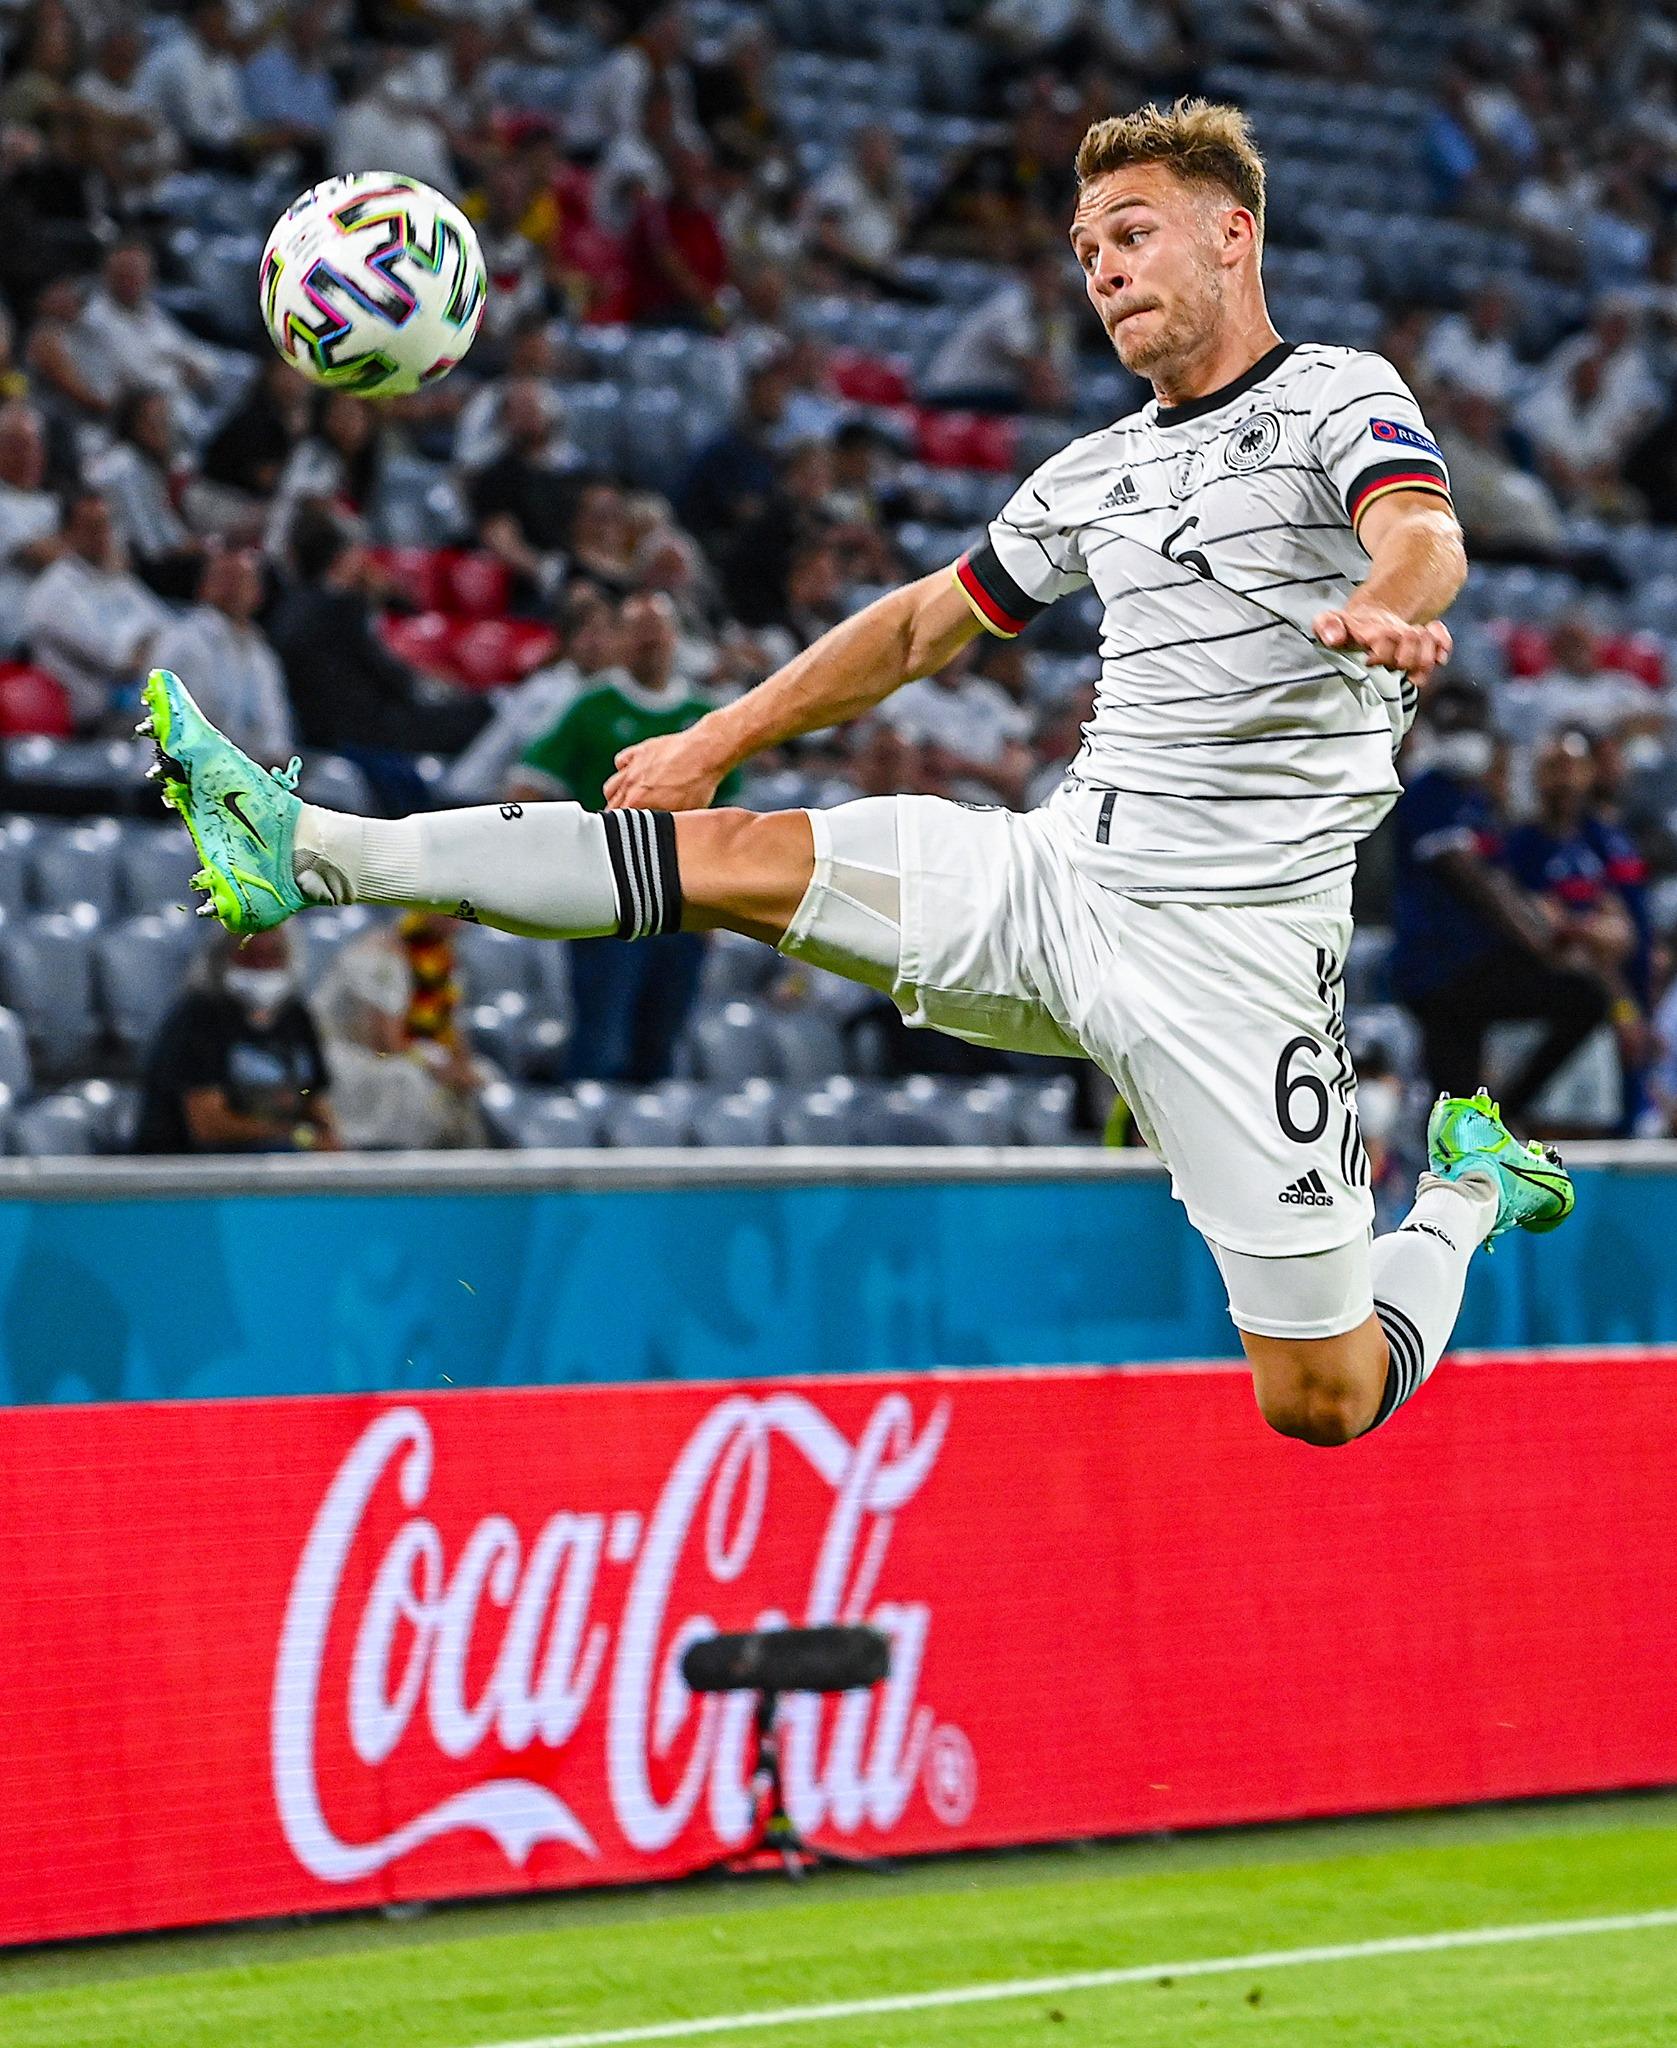 मैच के दौरान जर्मनी के खिलाड़ी जोशुआ किमिच गेंद को कंट्रोल करने की कोशिश में।